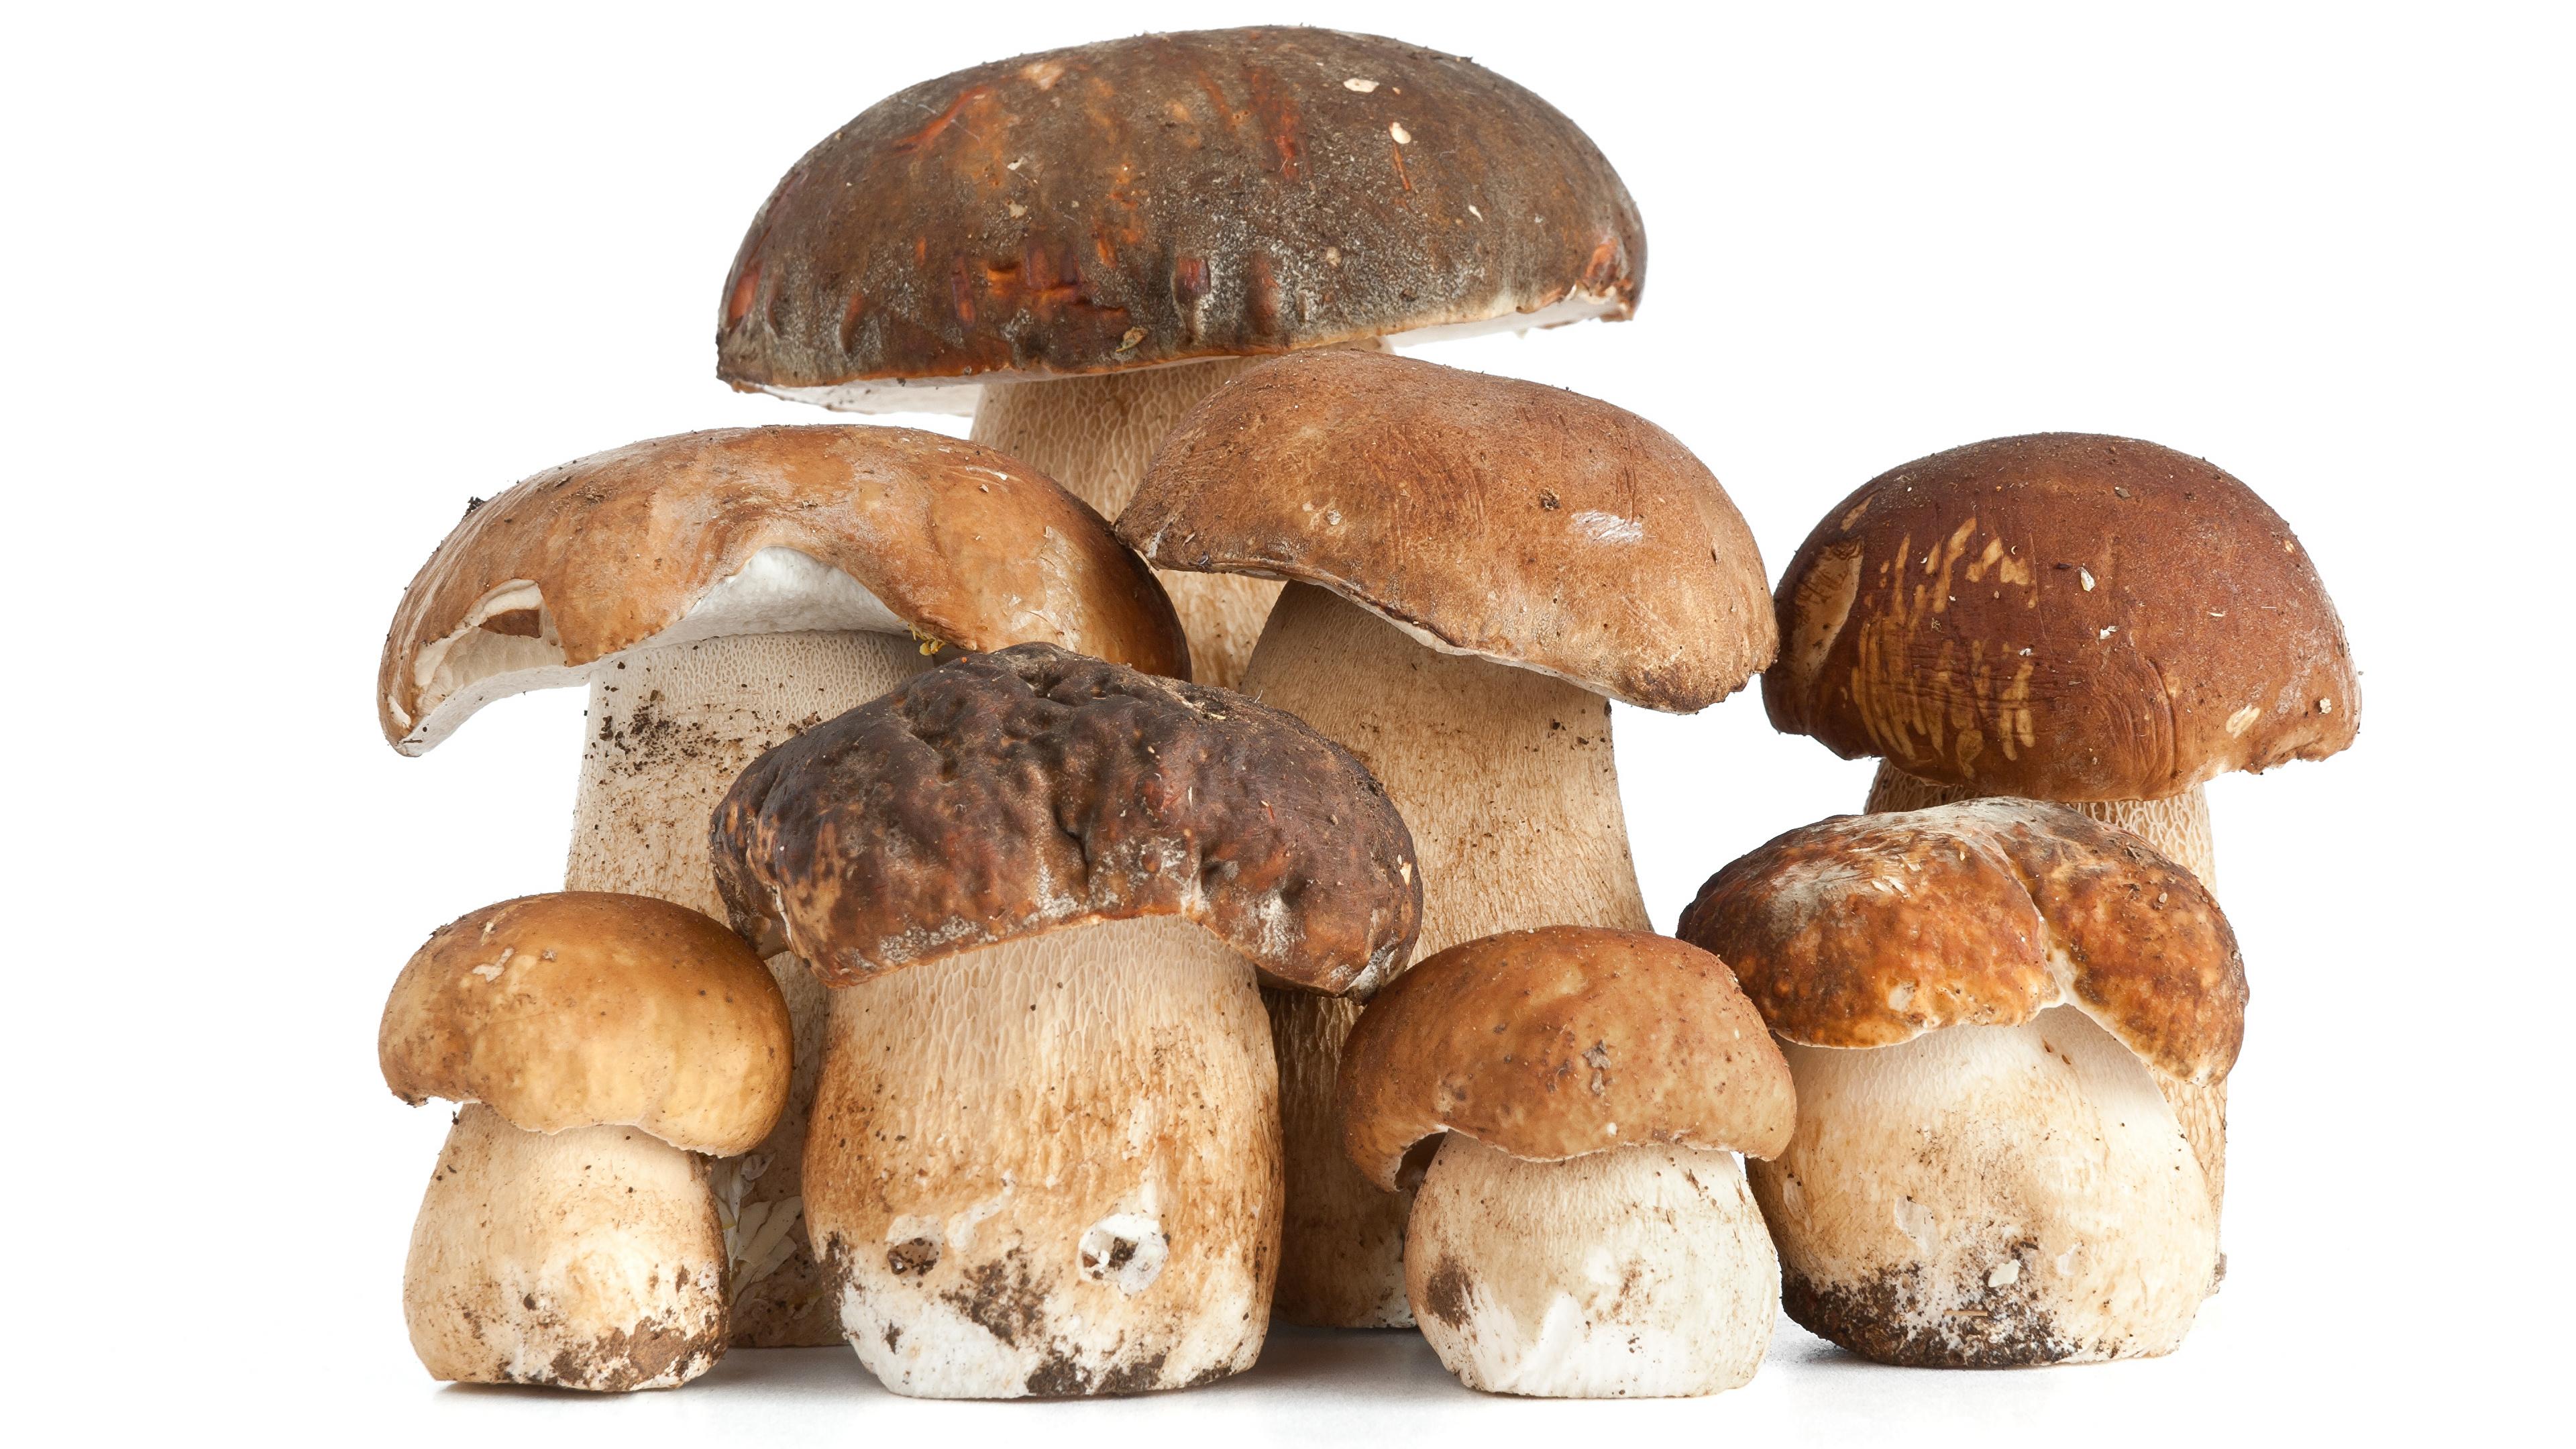 еда грибы food mushrooms без смс